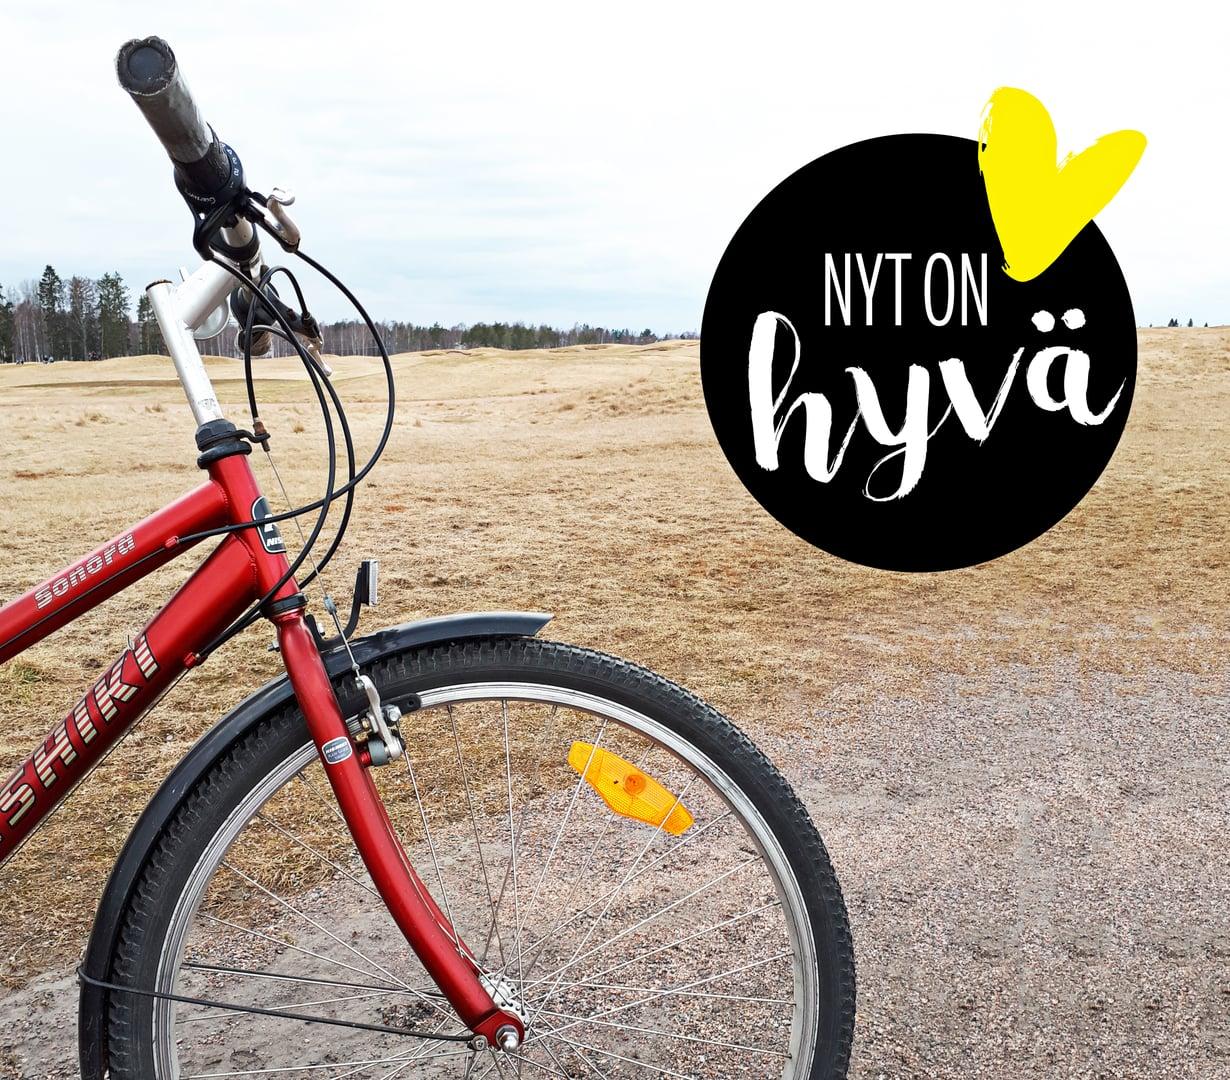 Parasta juuri nyt: uusi kevät ja vanha pyörä.